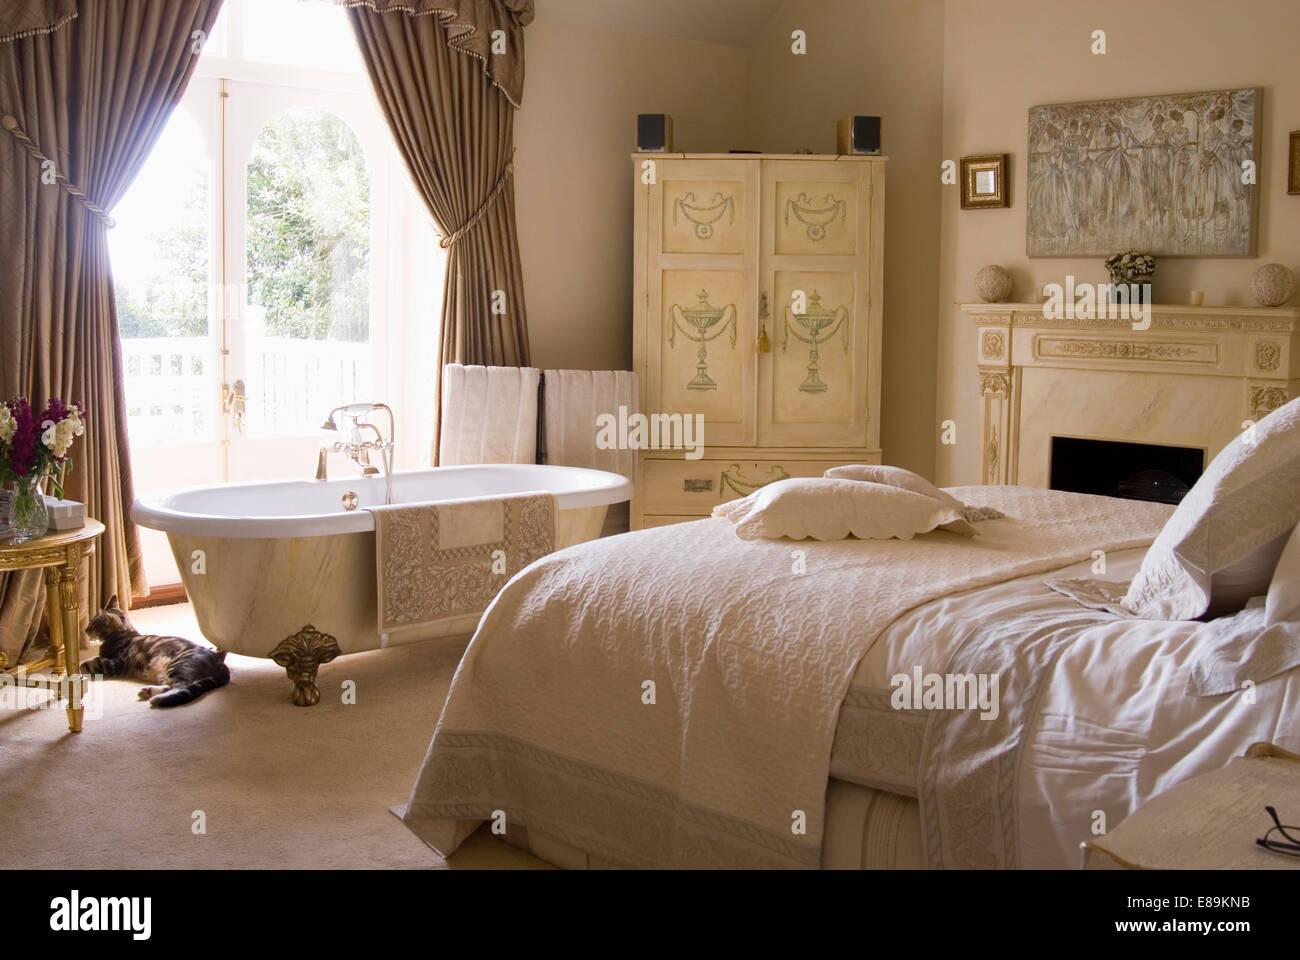 Rolltop Bad Im Land Schlafzimmer Mit Creme Leinen Auf Bett Und